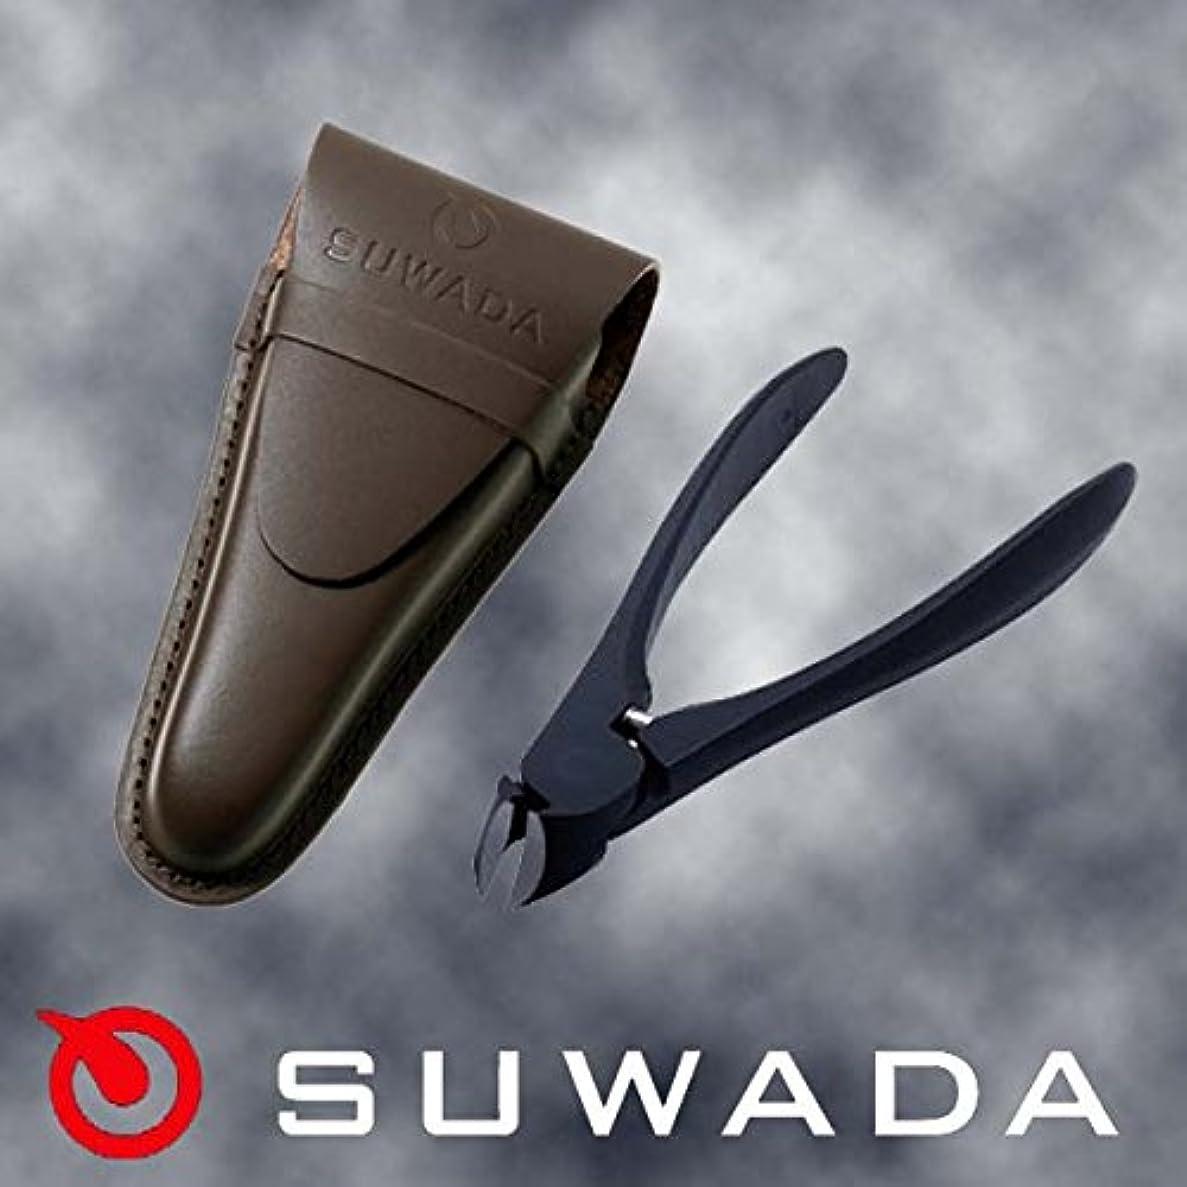 ファイバ粘液居心地の良いSUWADA 爪切りブラックS&ブラウン革ケースセット 諏訪田製作所 スワダ爪切り